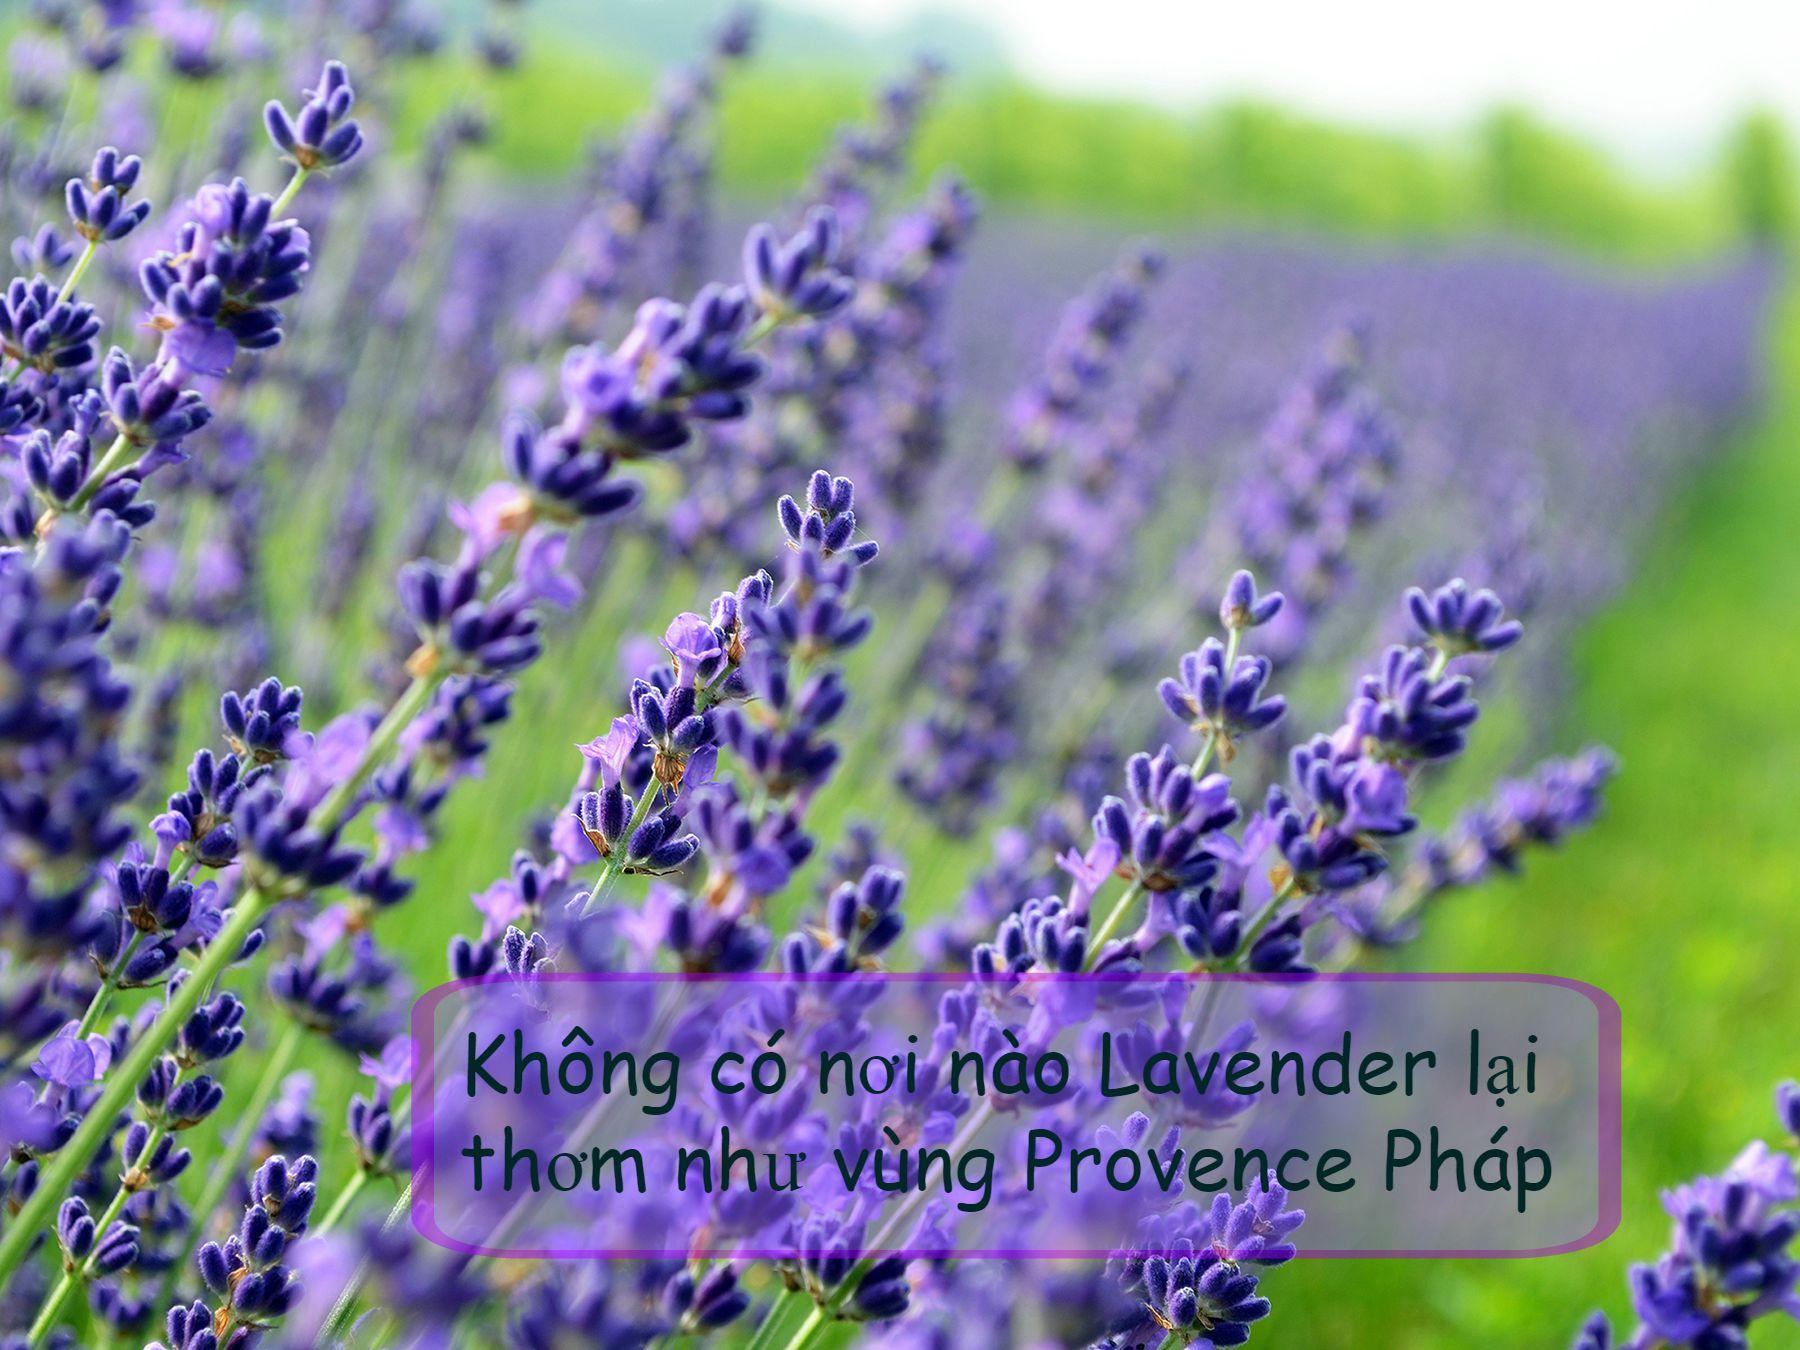 sự tinh tế và lãng mạn của người pháp cũng bay bổng như những cánh đồng  hoa oải hương bất tận